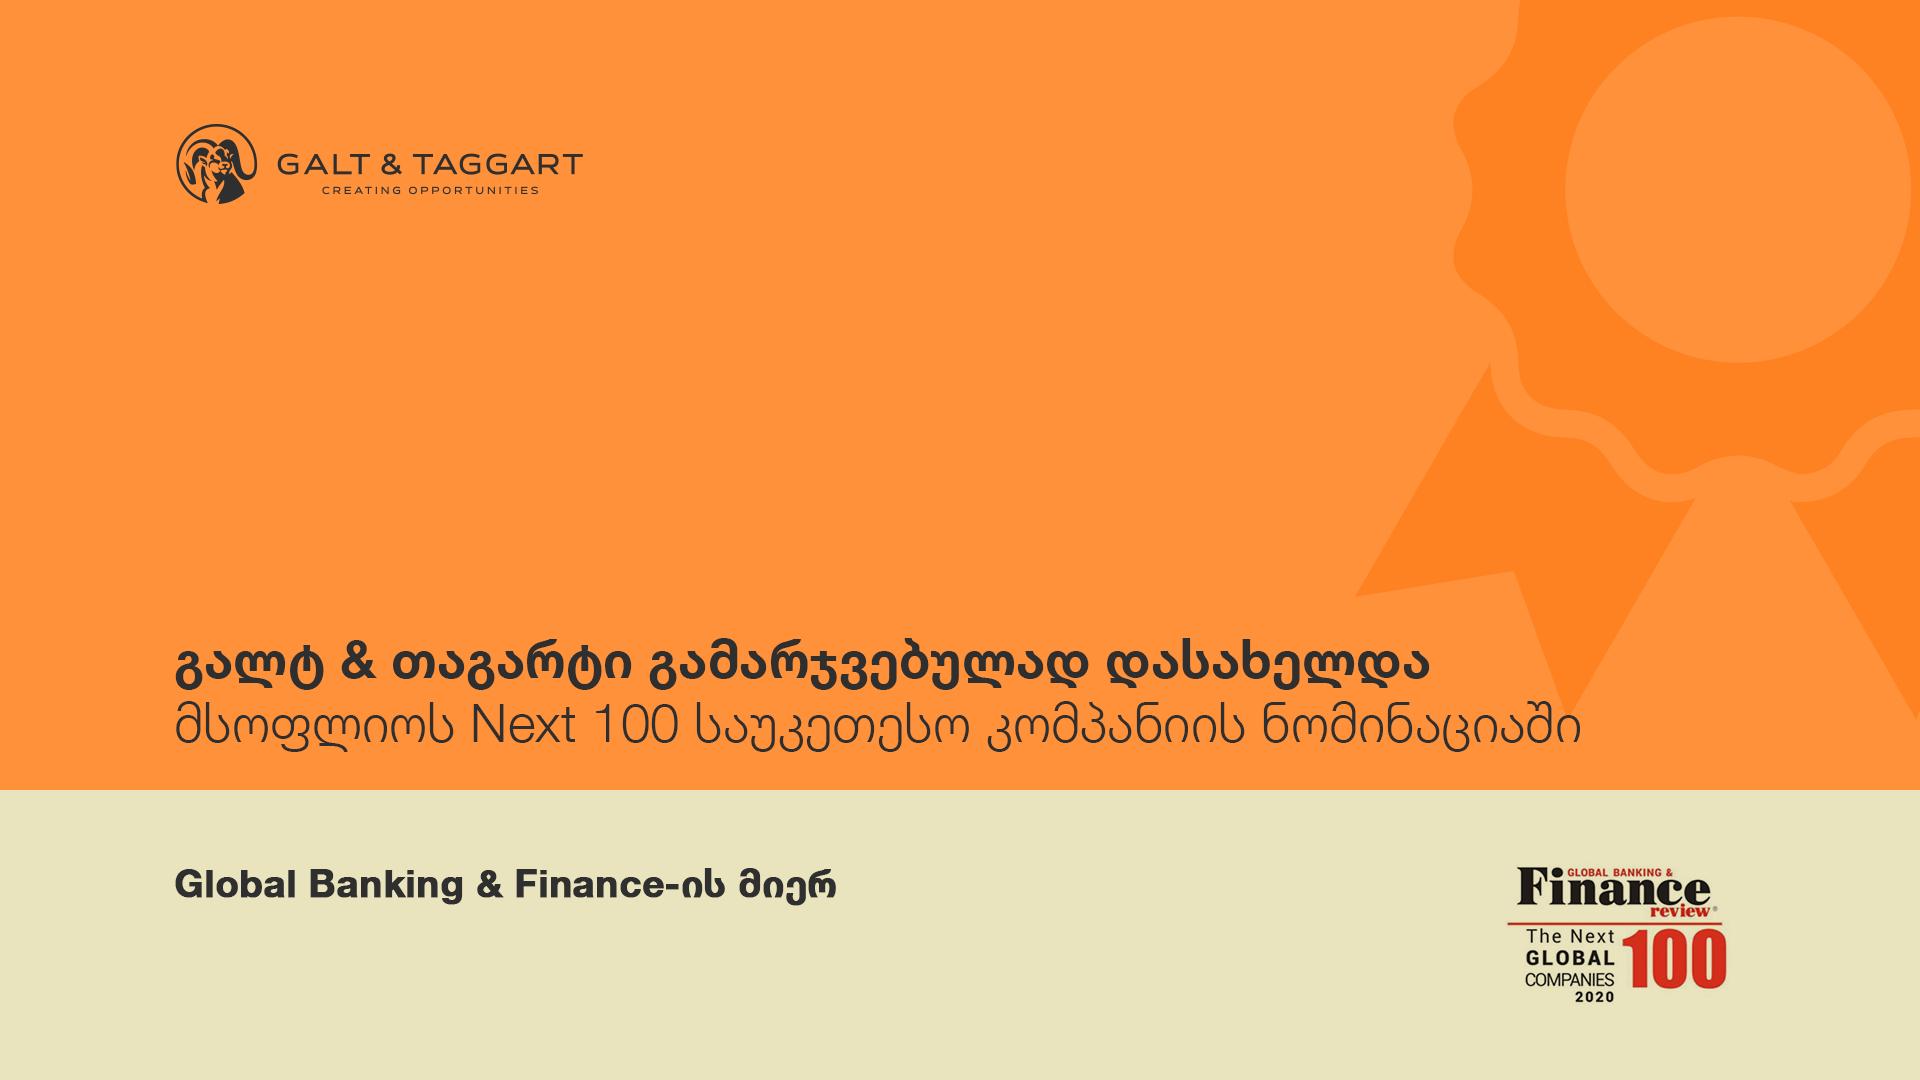 გალტ & თაგარტი Global Banking & Finance Awards-ის მიერ მსოფლიოს Next 100 საუკეთესო კომპანიის ნომინაციაში გამარჯვებულად დასახელდა